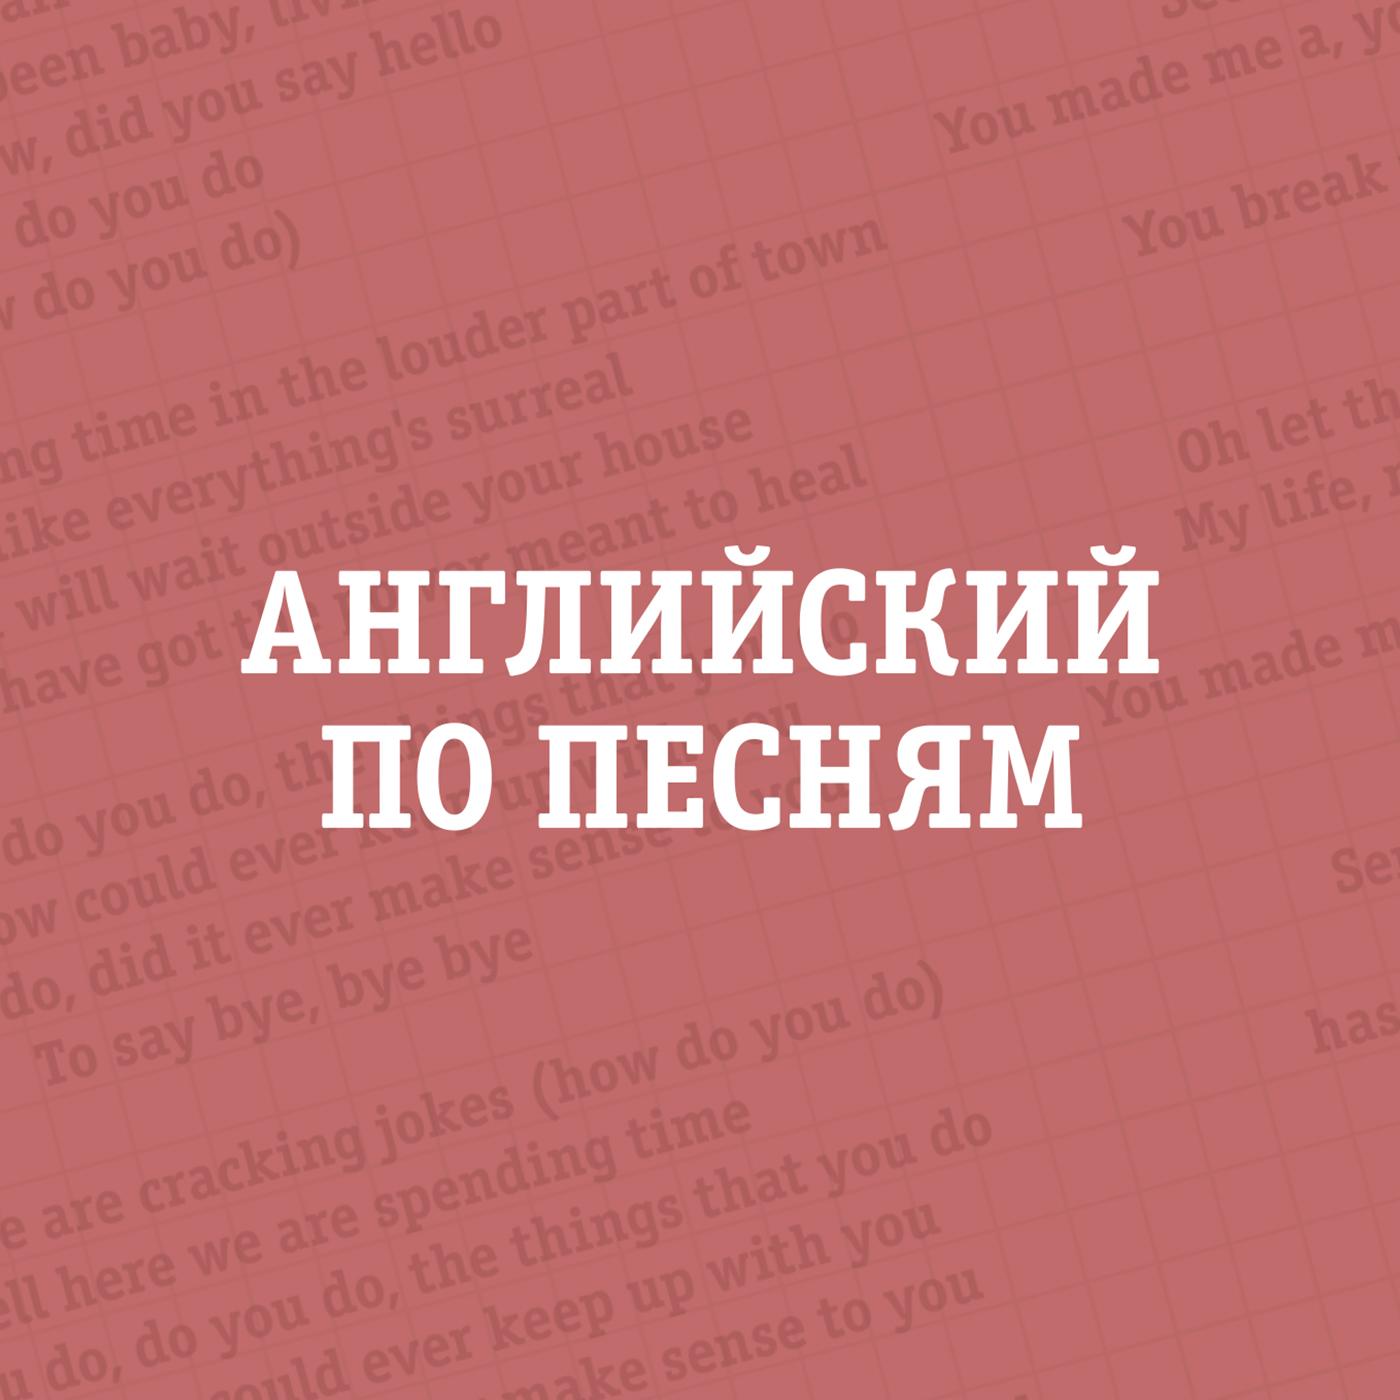 Английский по песням – История одного помешательства. О чем песня Эминема Stan?